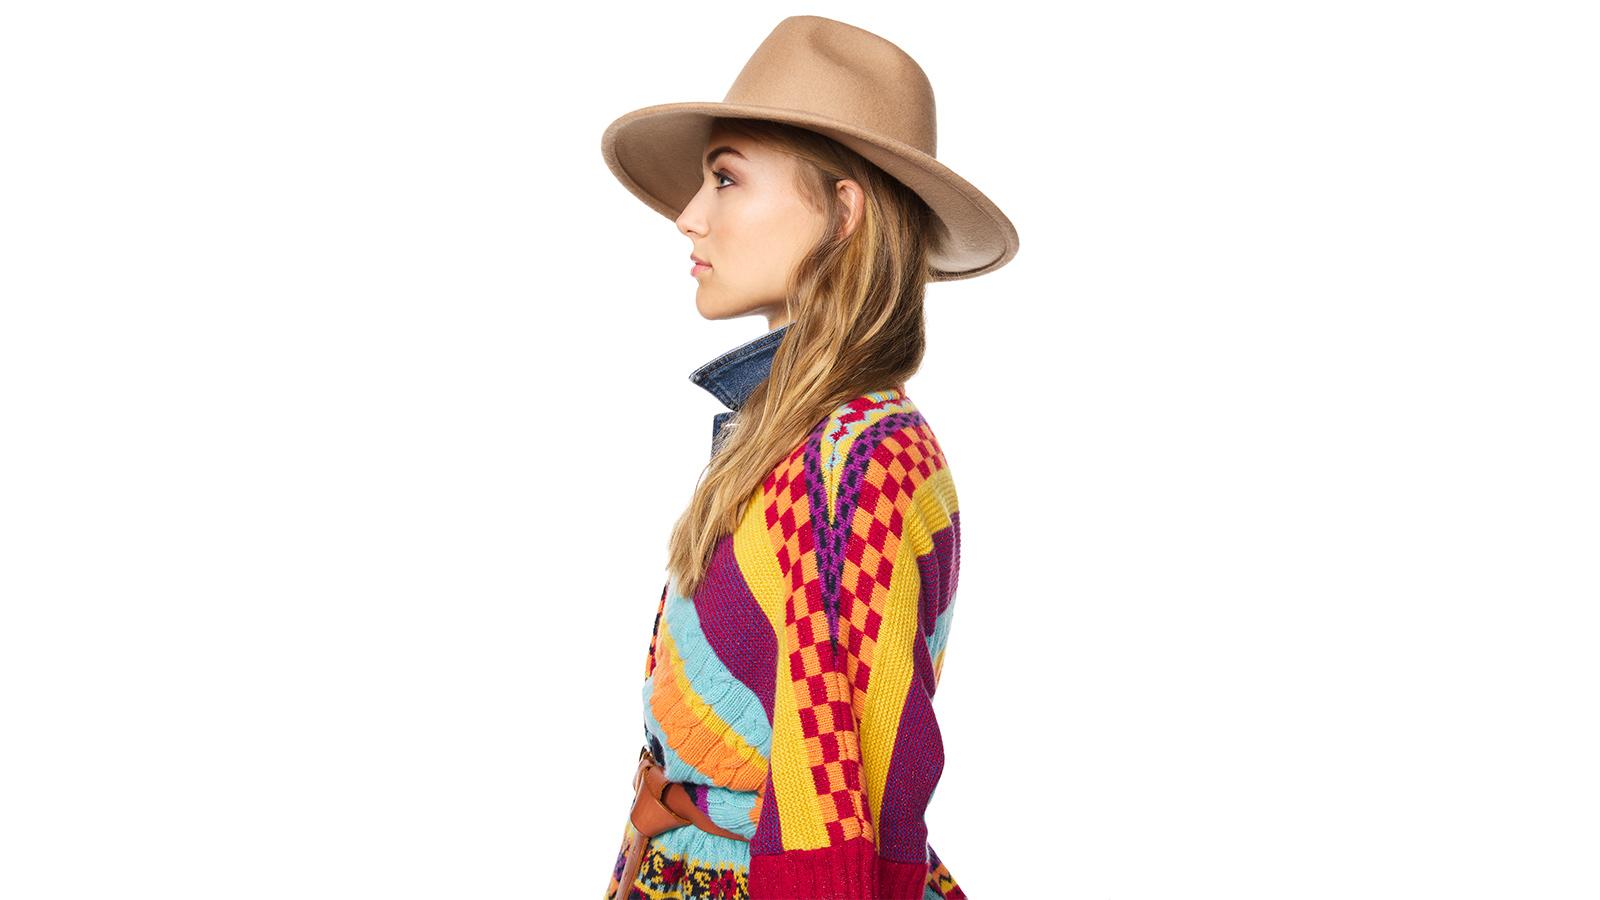 c04e349e91 Abbigliamento Donna Nuova Collezione 2019   Benetton